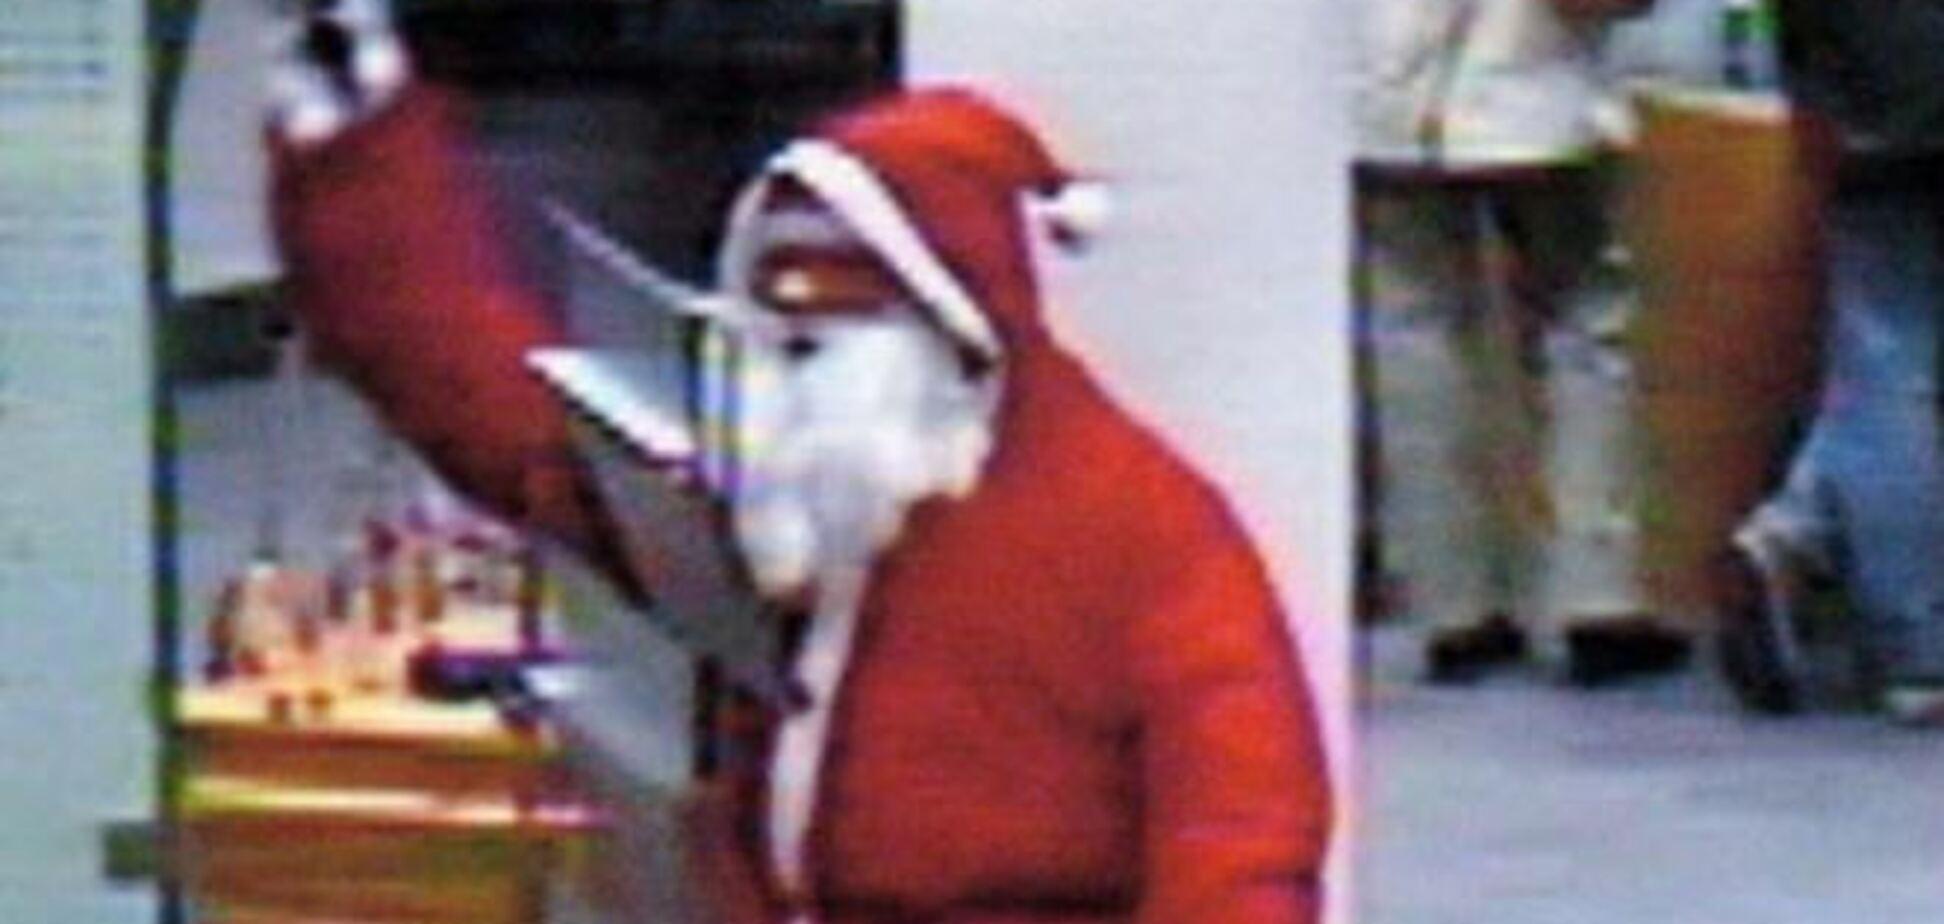 Жінка в костюмі Санта Клауса напала на два банки в Німеччині